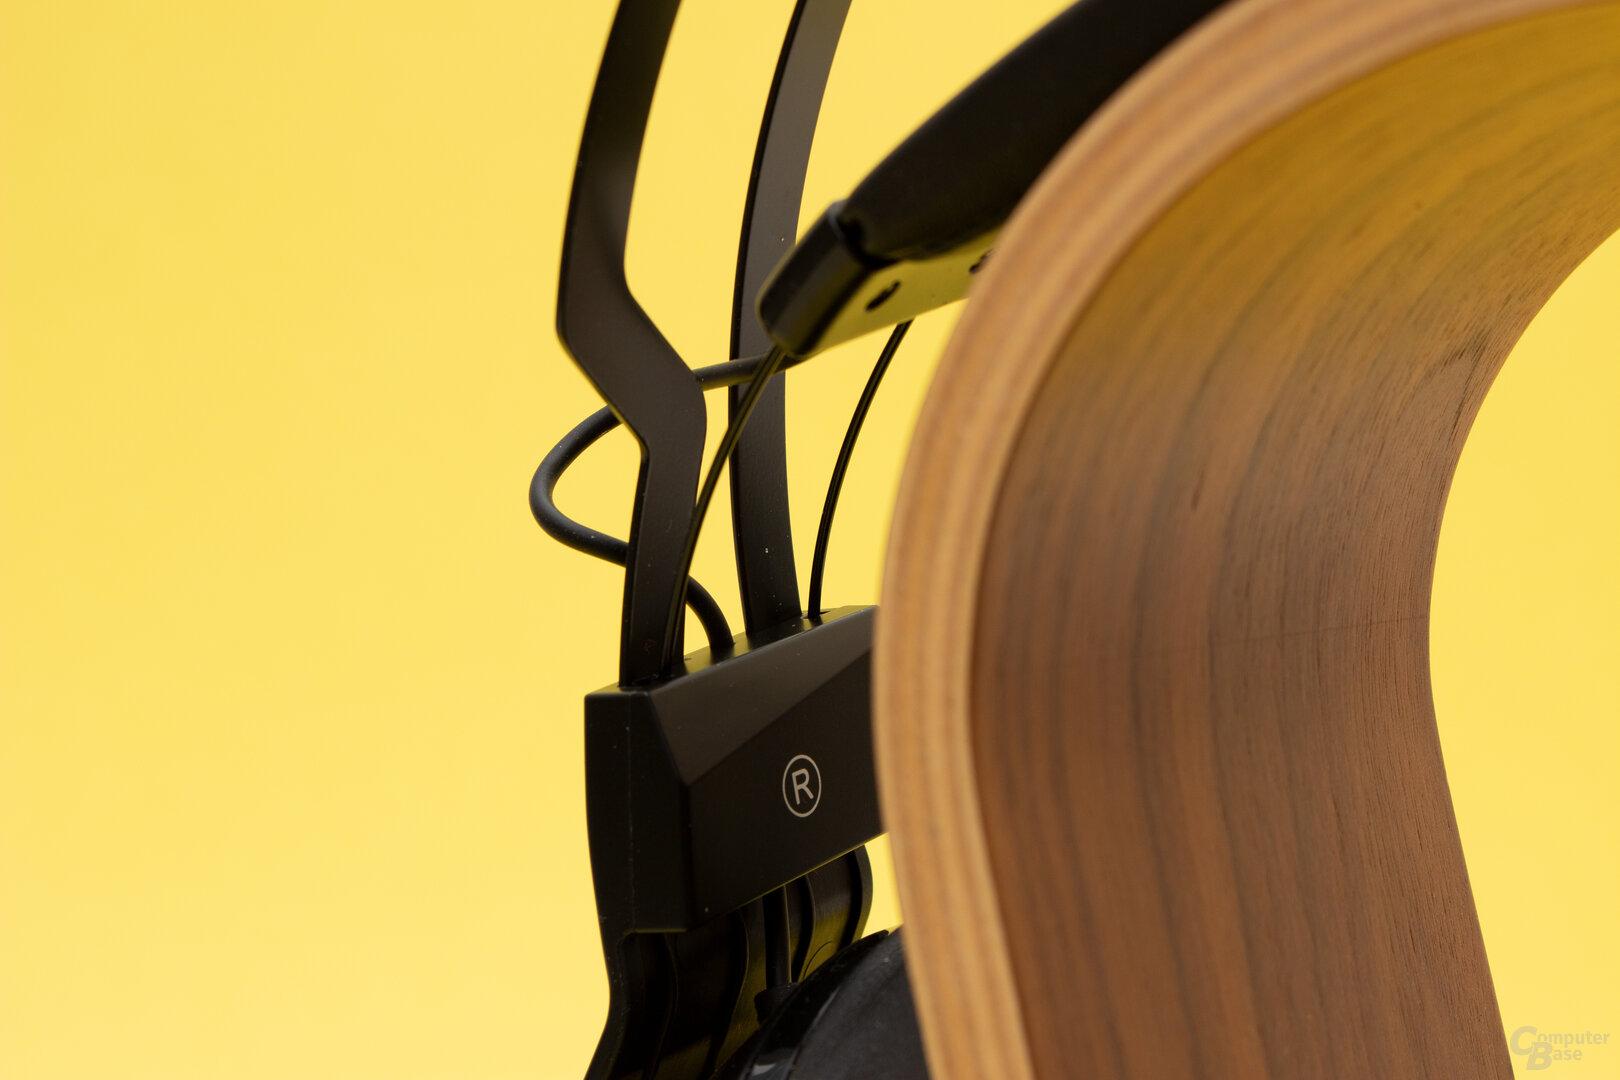 Der Kopfbügel besteht nur aus zwei dünnen Metallstreifen